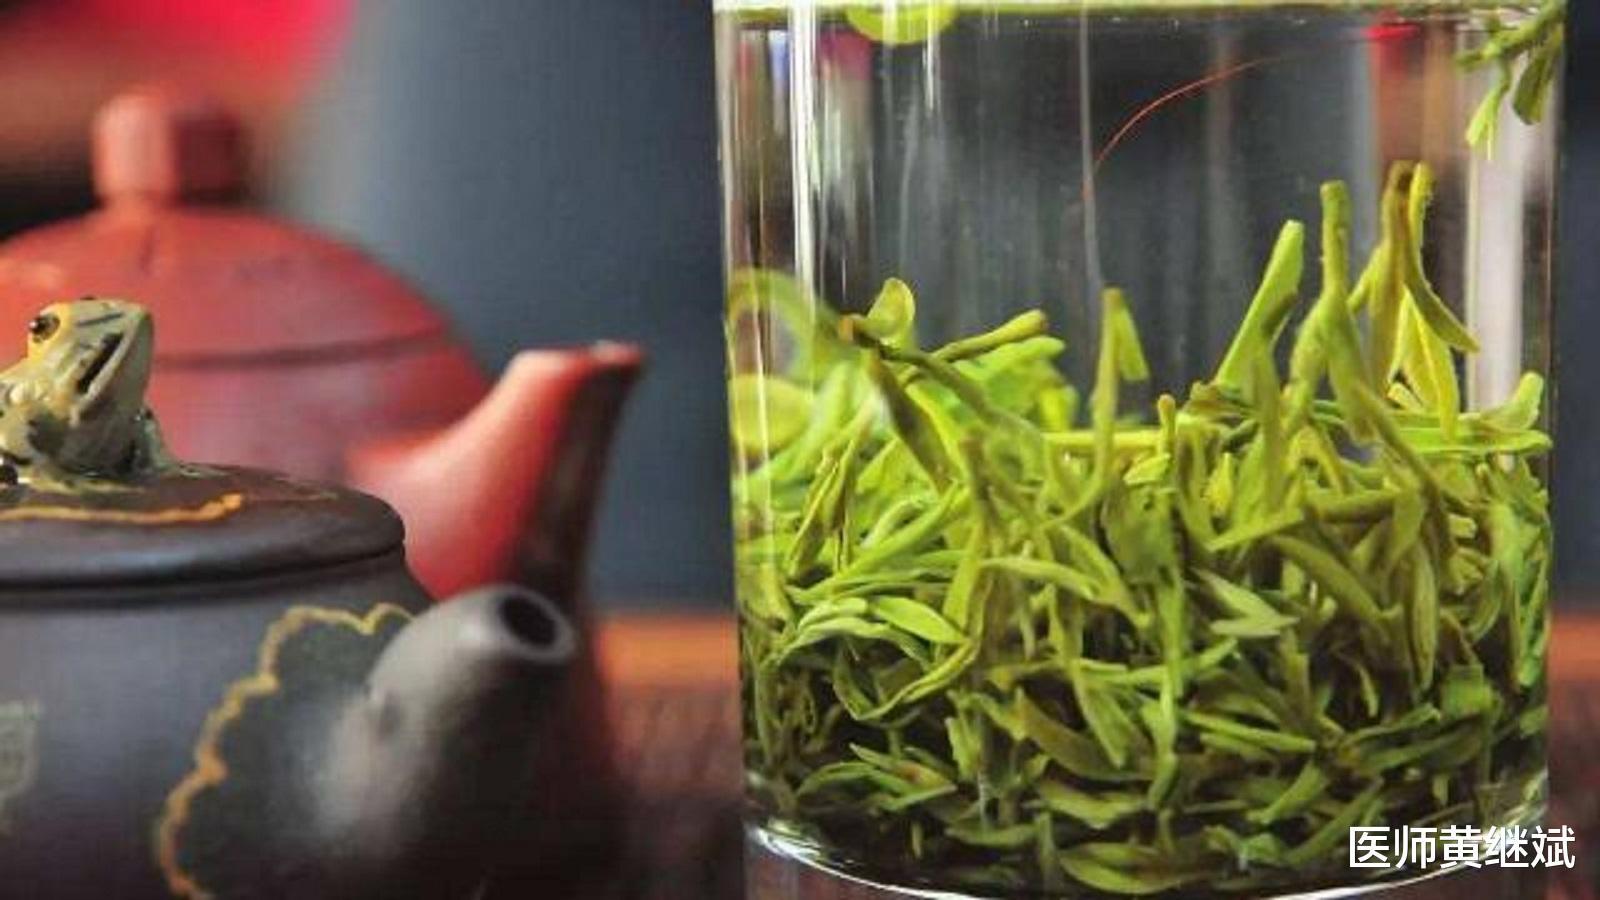 原创夏季必备养生饮品,比奶茶更健康,绿茶的功效和作用有哪些?